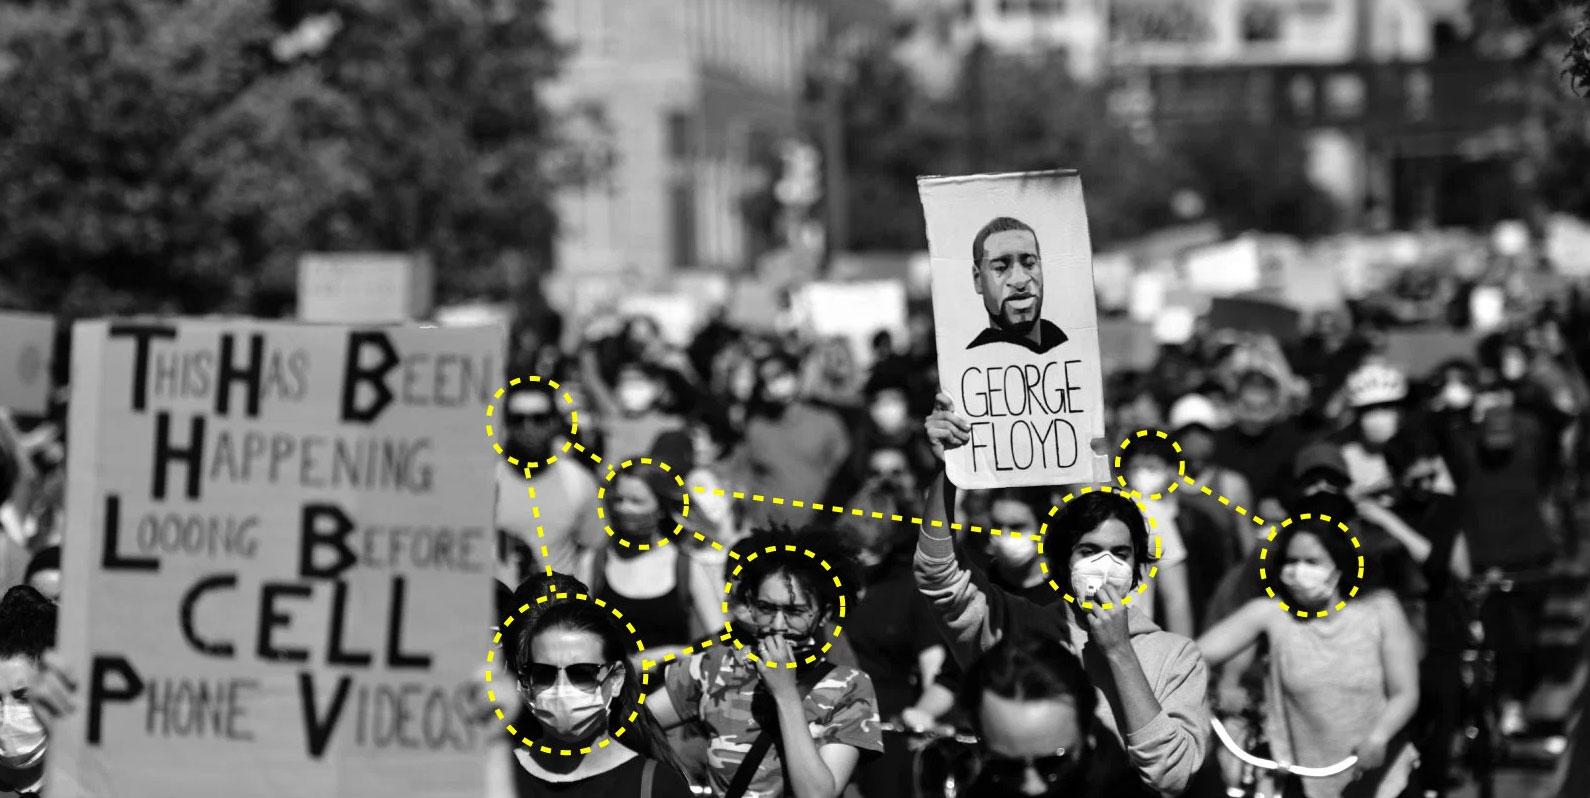 Lógico que a tecnologia perpetua o racismo. Ela foi projetada dessa maneira